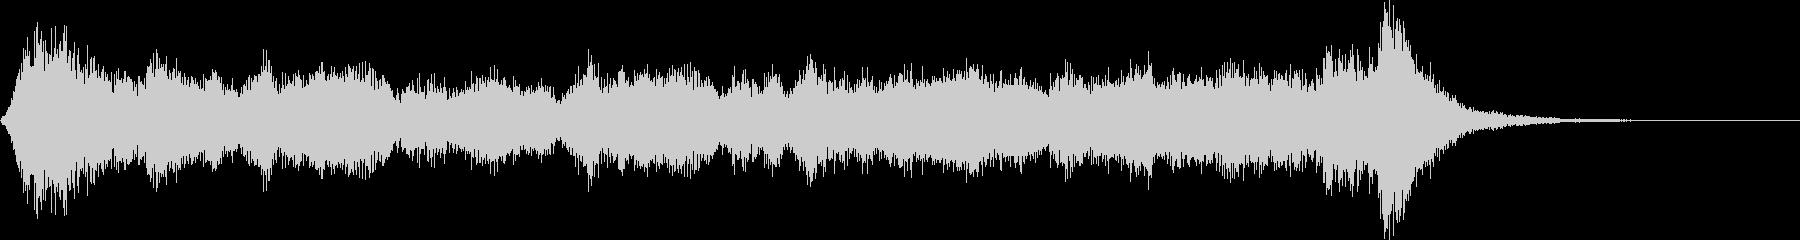 オーケストラ風ジングルの未再生の波形